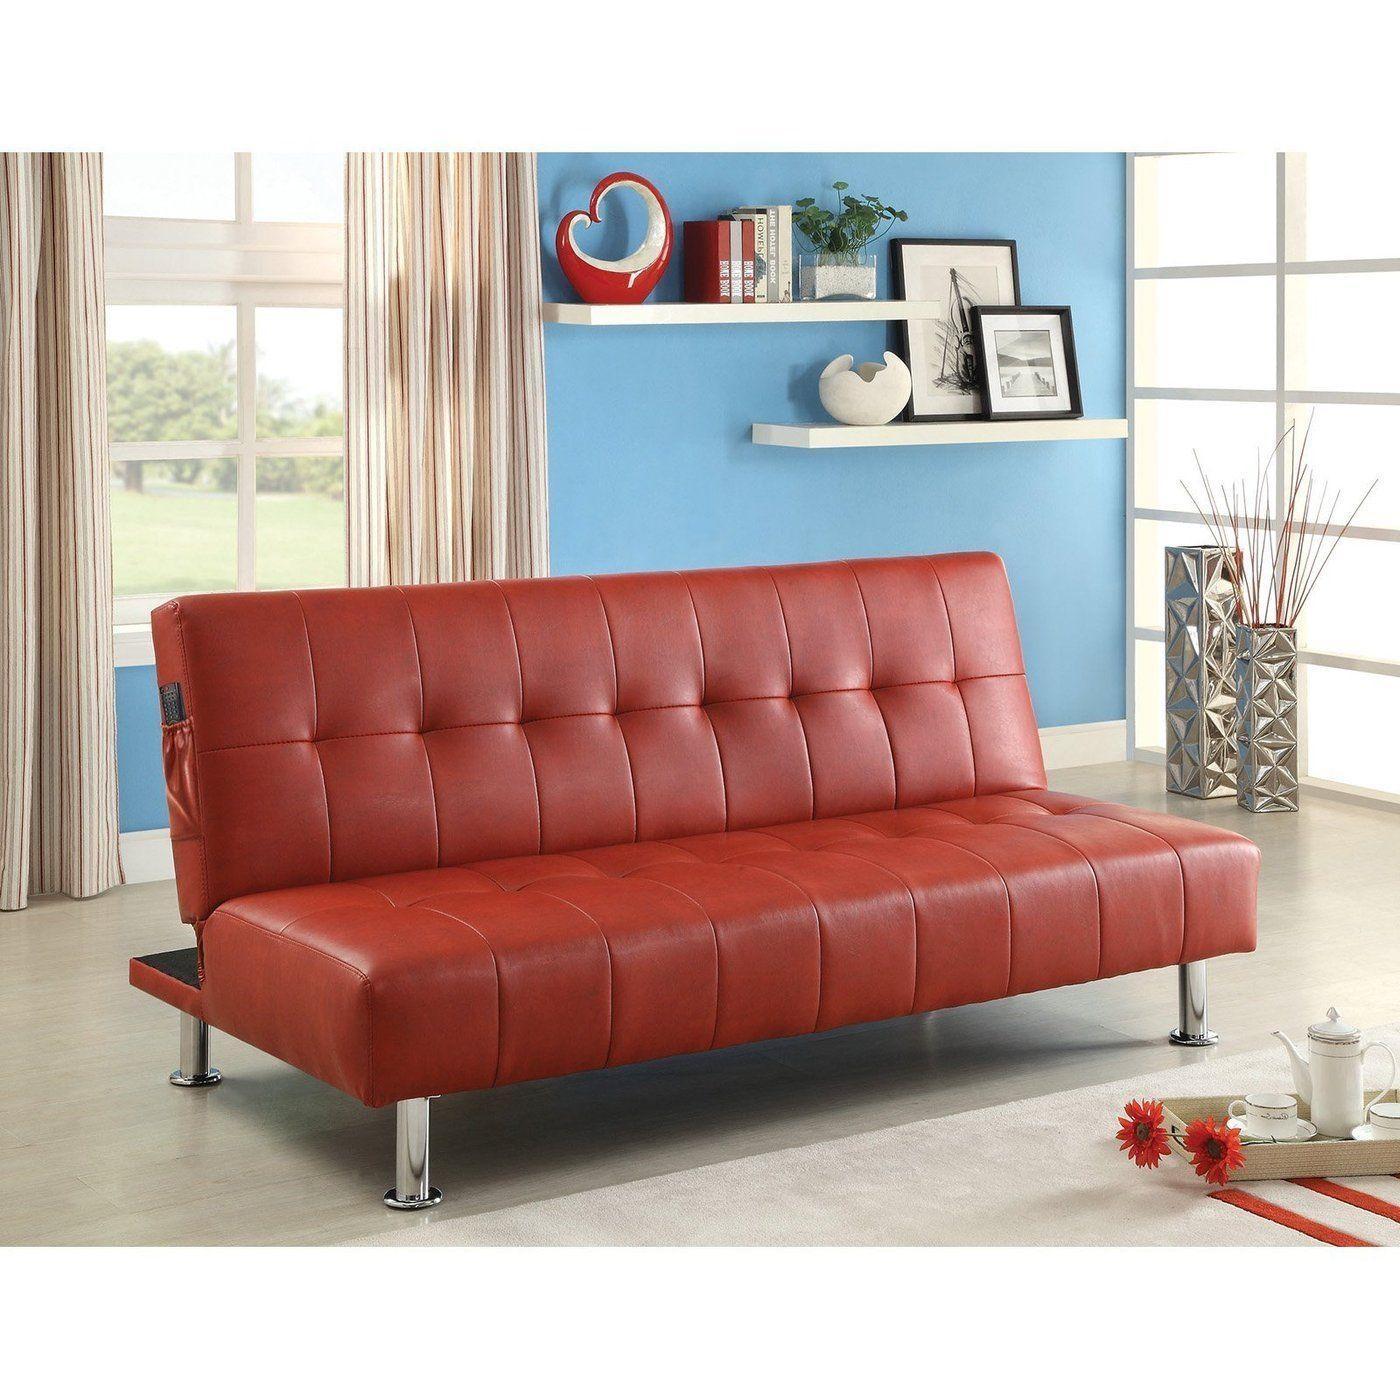 Sofas Center : Unusual Big Lots Sofa Images Design Furniture5 Regarding Unusual Sofas (Image 9 of 20)